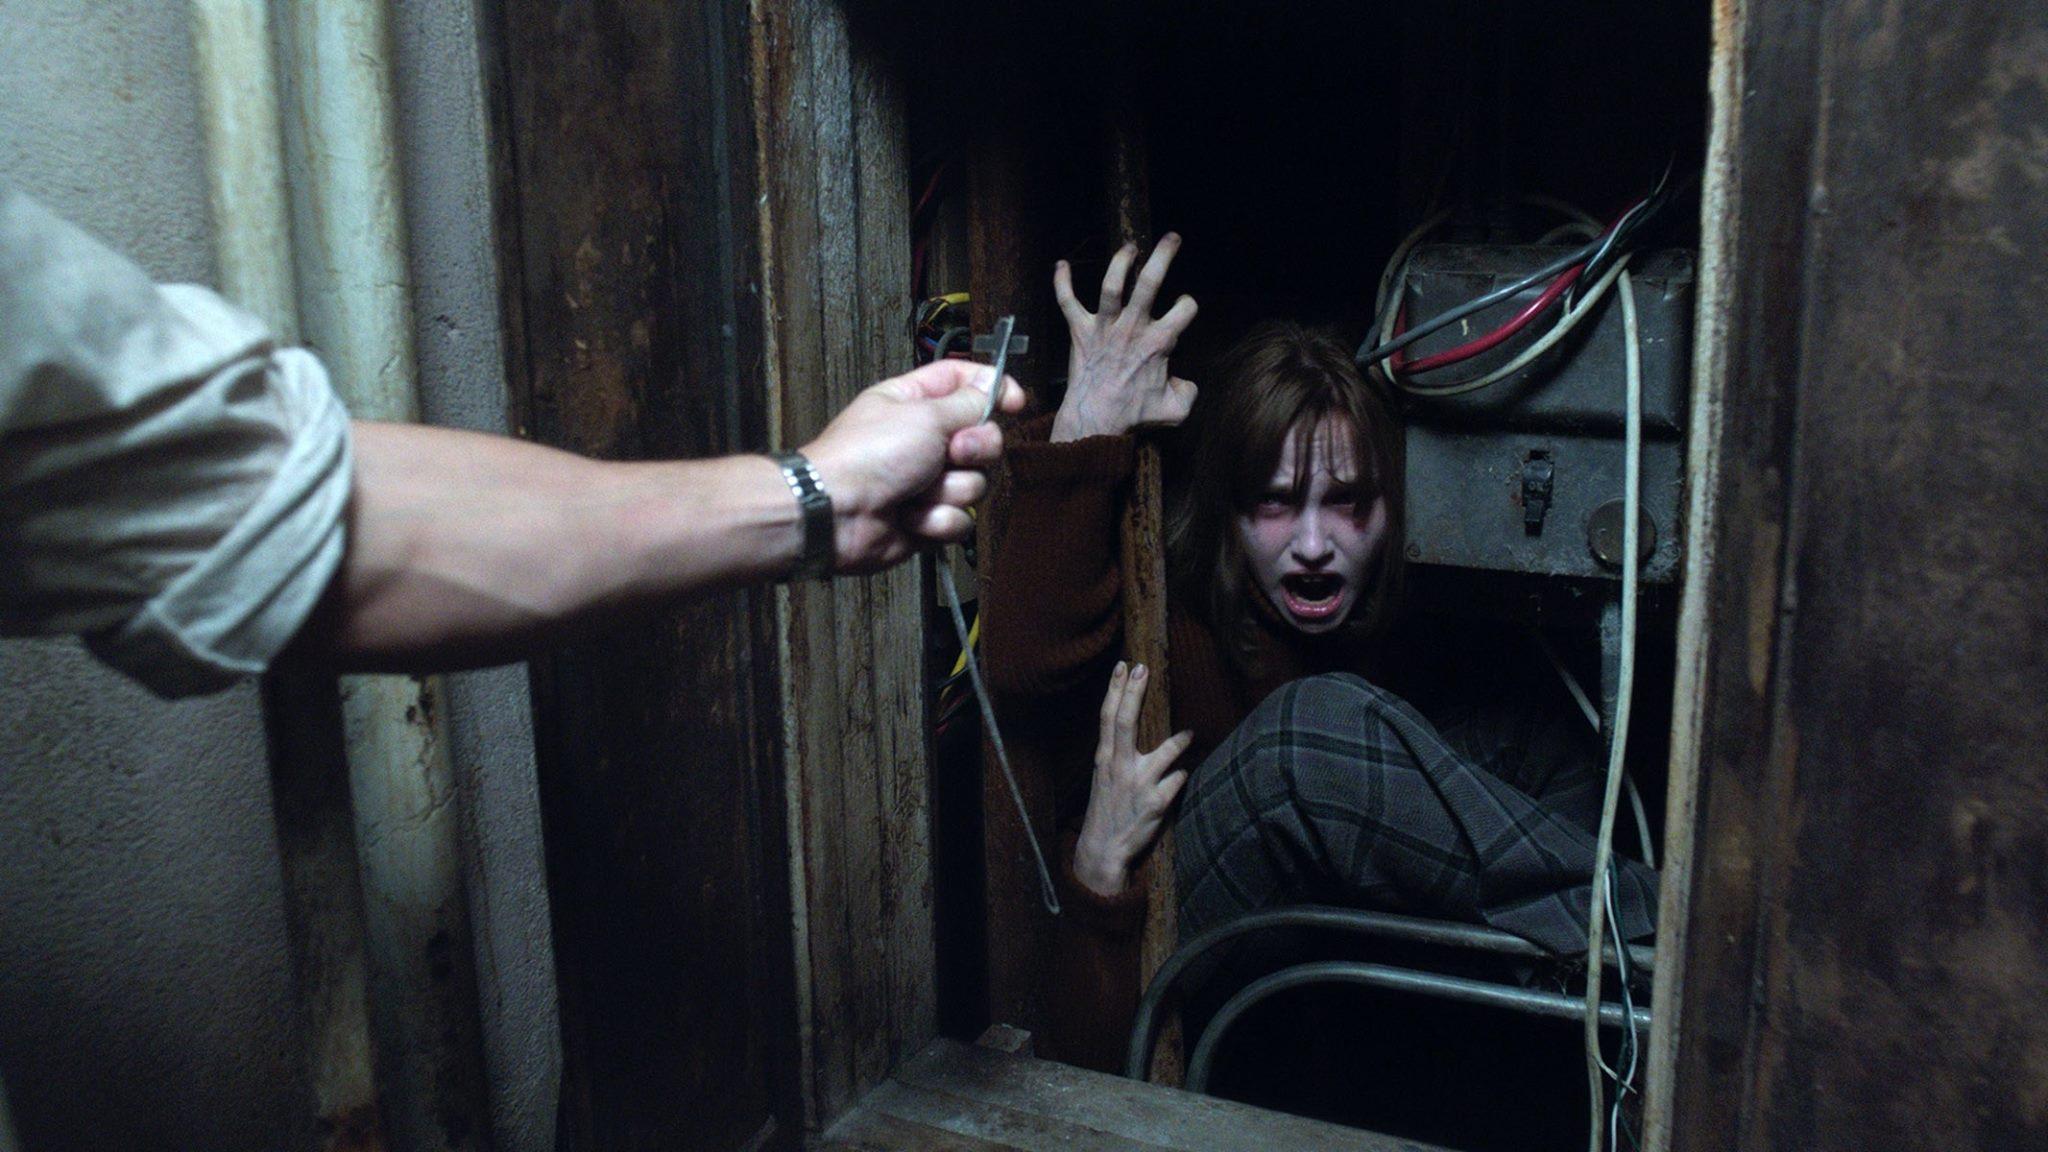 The Conjuring 2 - Démonok között 2 (2016) 4. kép